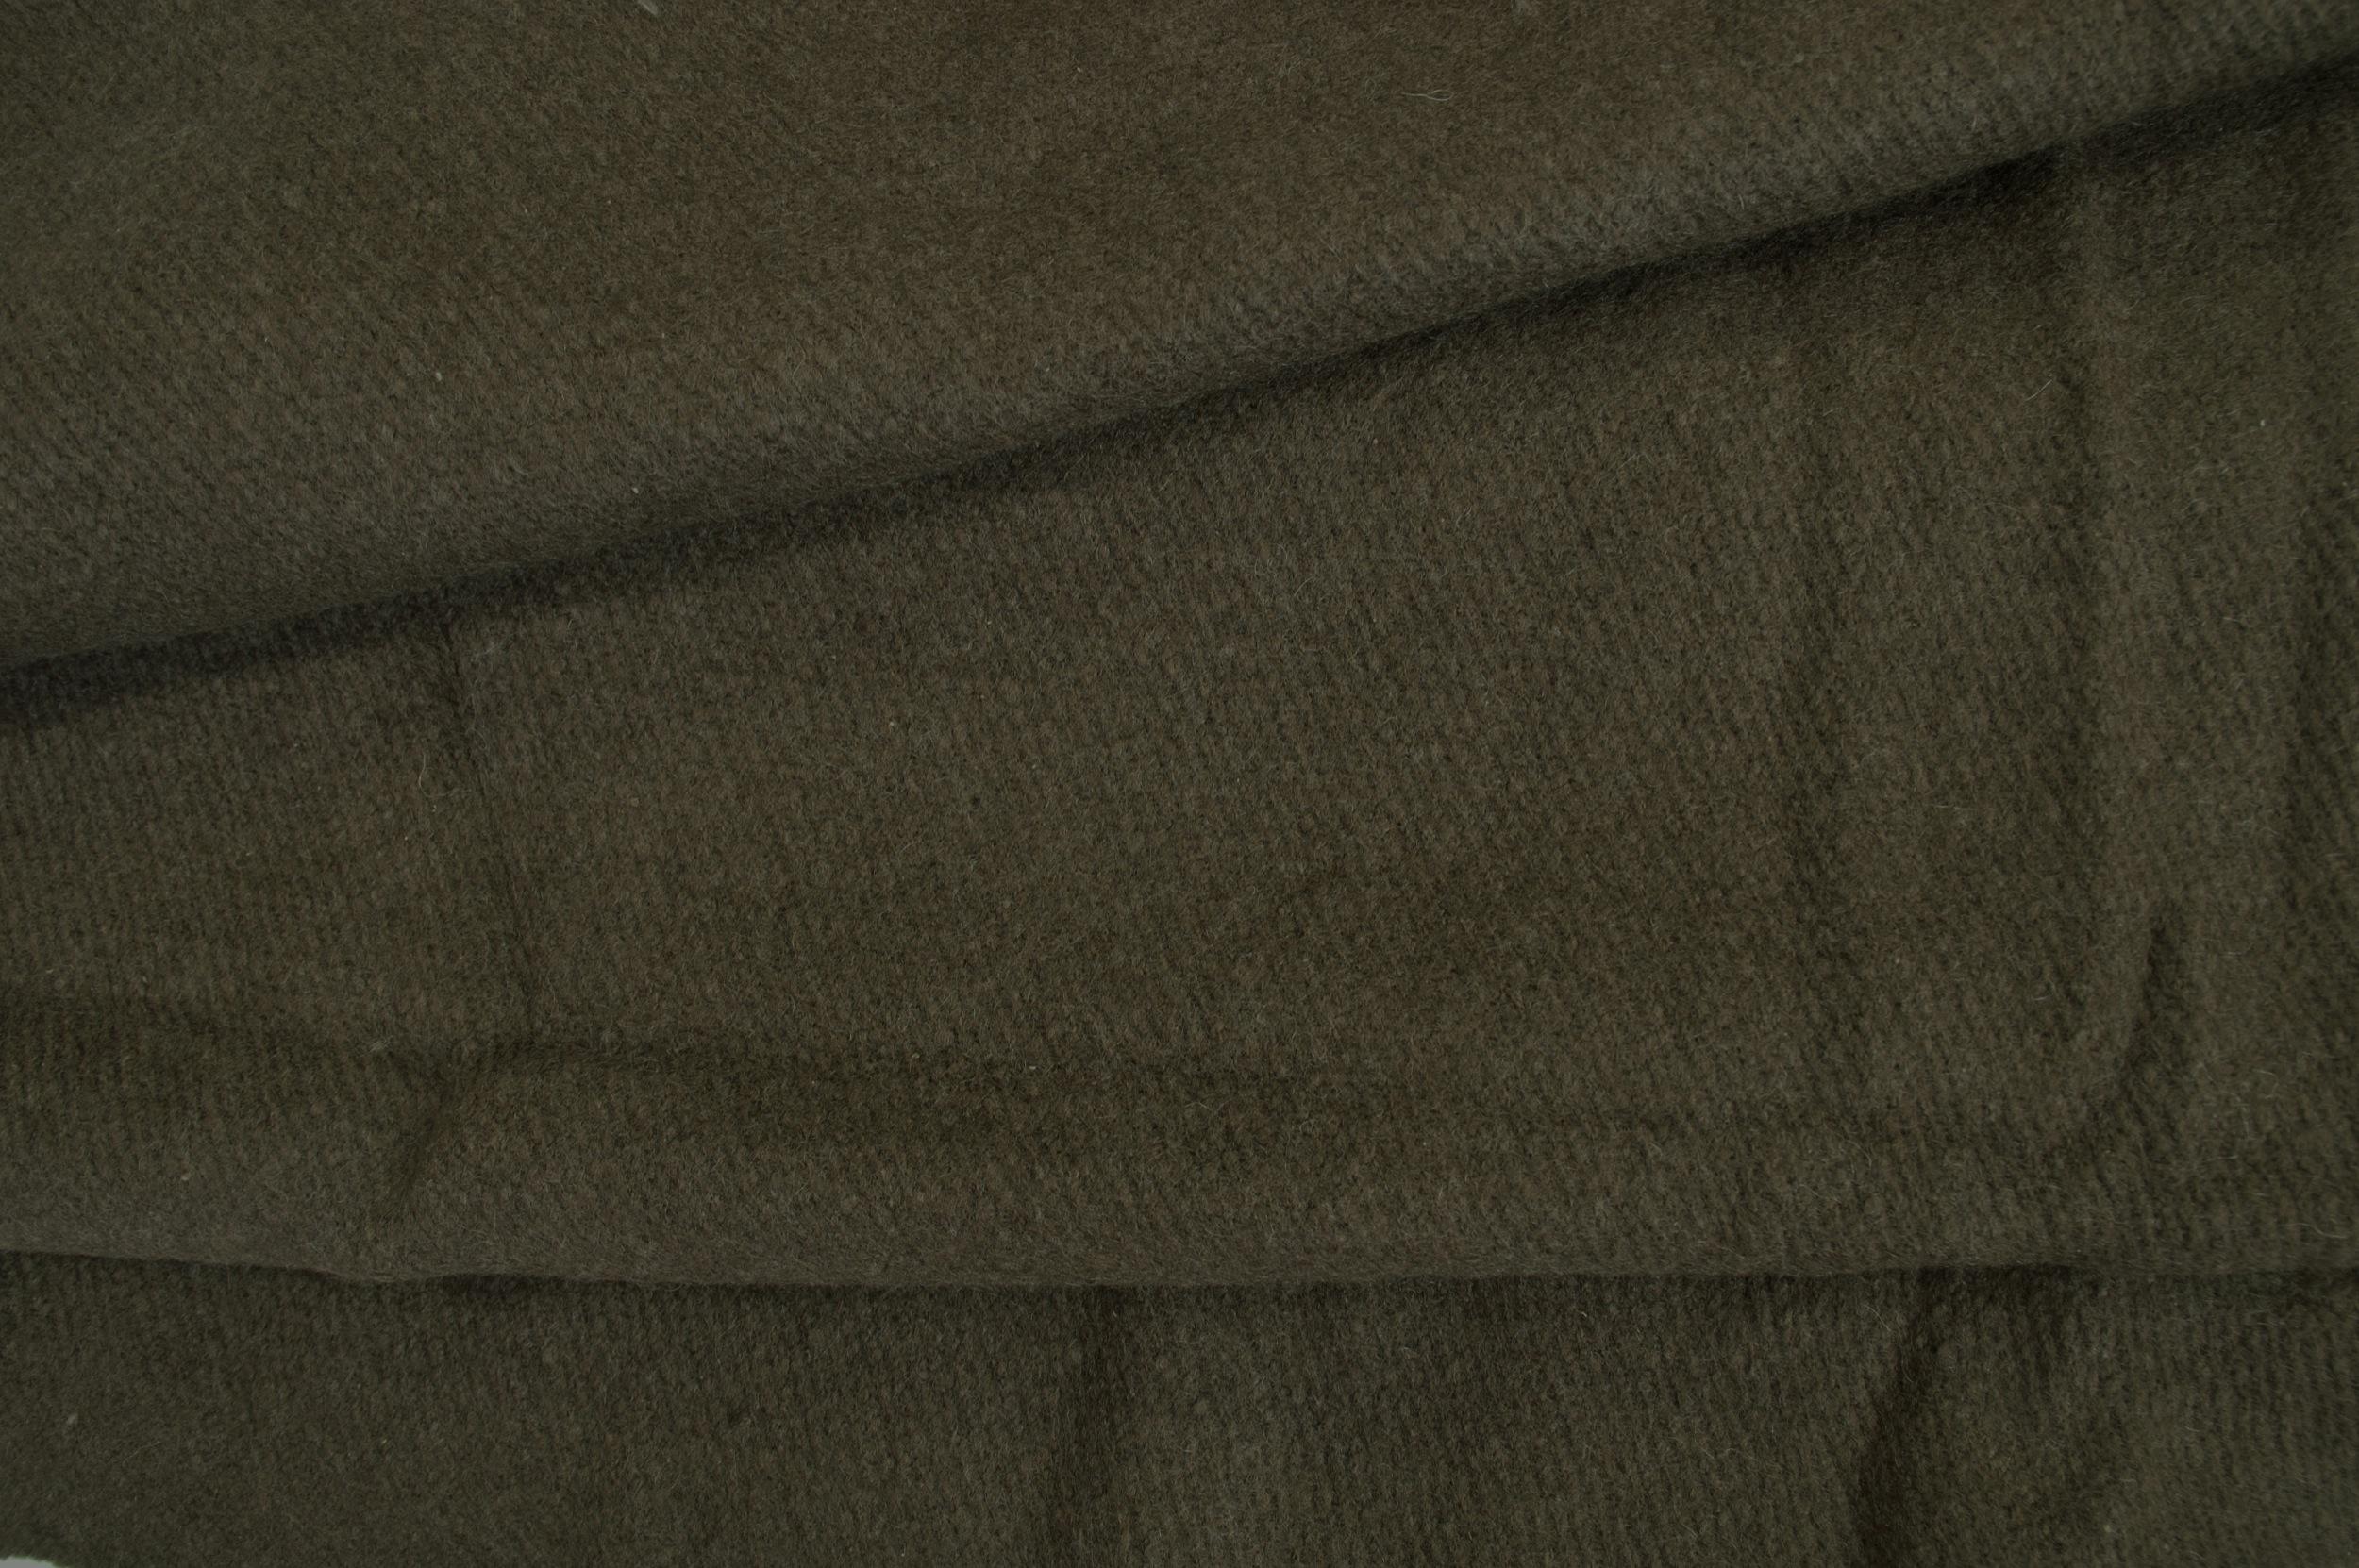 Sjaal van yak wol in bruin-stole